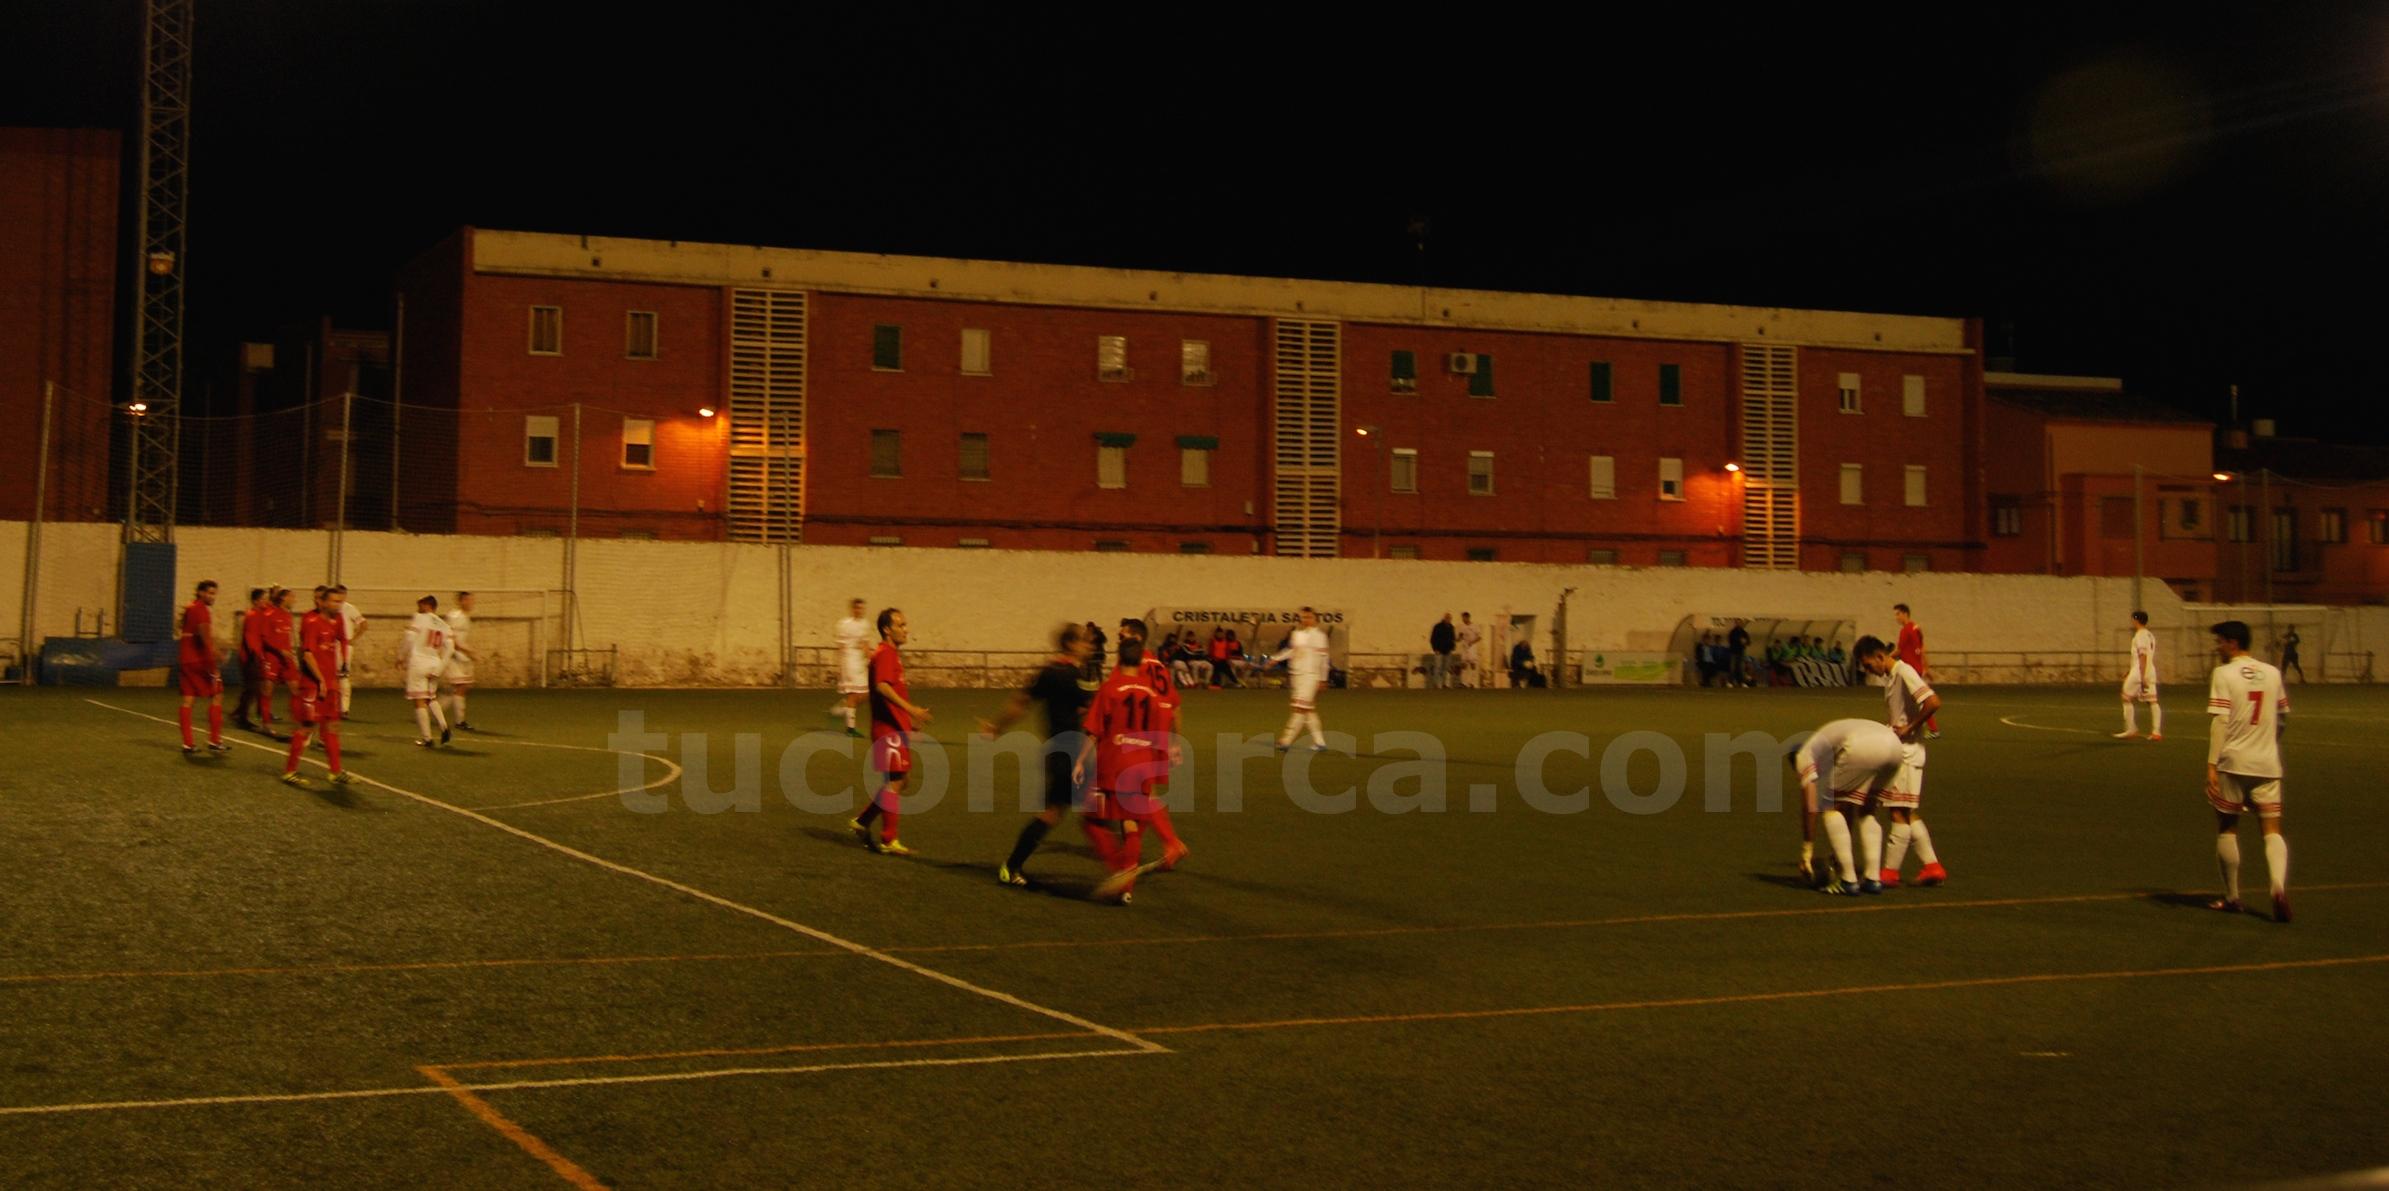 El Club Deportivo Buñol ha caído derrotado por 1 gol a 2 frente al Crevillente. Foto: R. Ferrer.